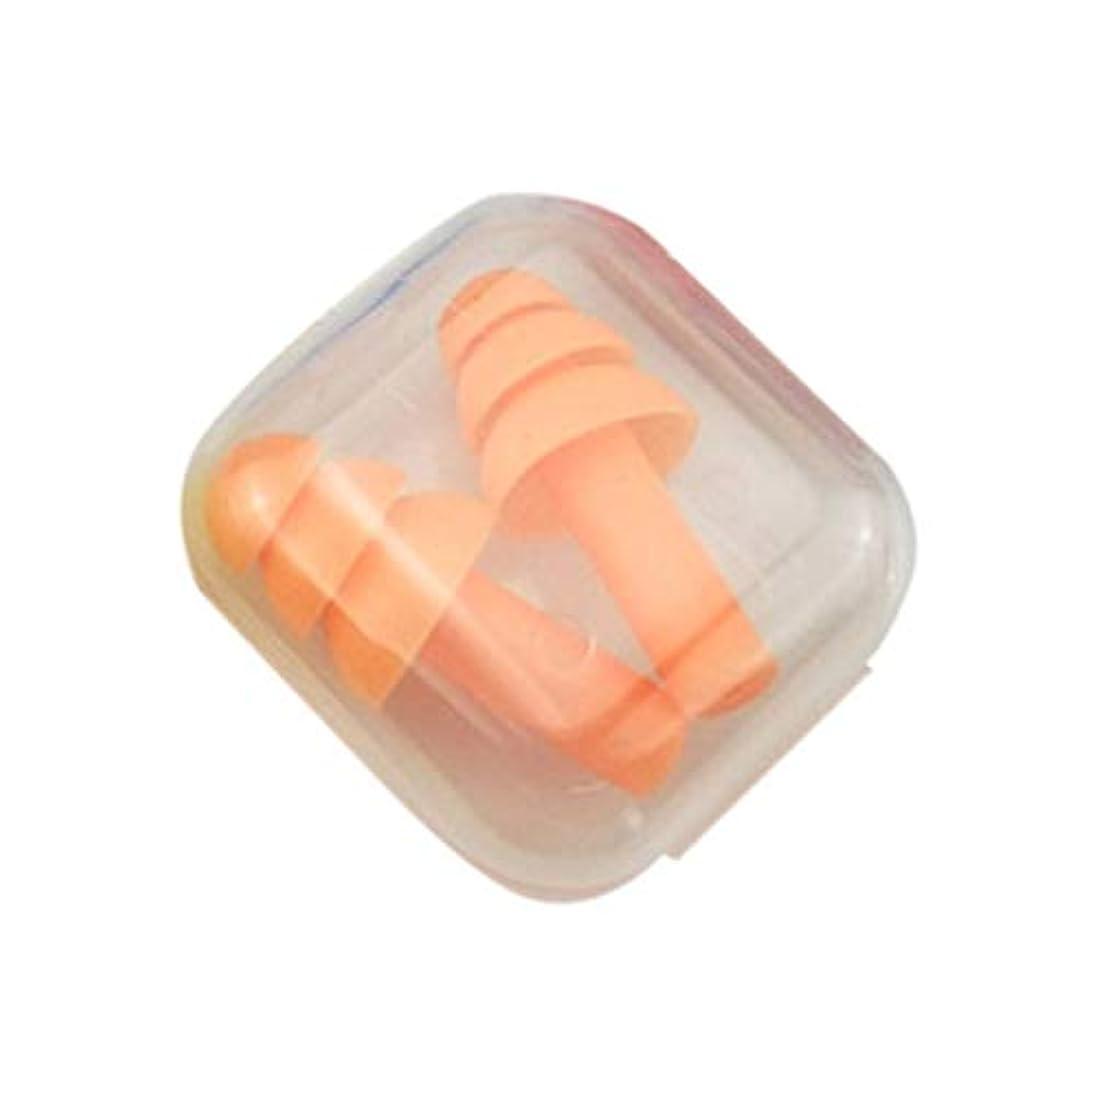 スーツケース崩壊要求柔らかいシリコーンの耳栓遮音用耳の保護用の耳栓防音睡眠ボックス付き収納ボックス - オレンジ